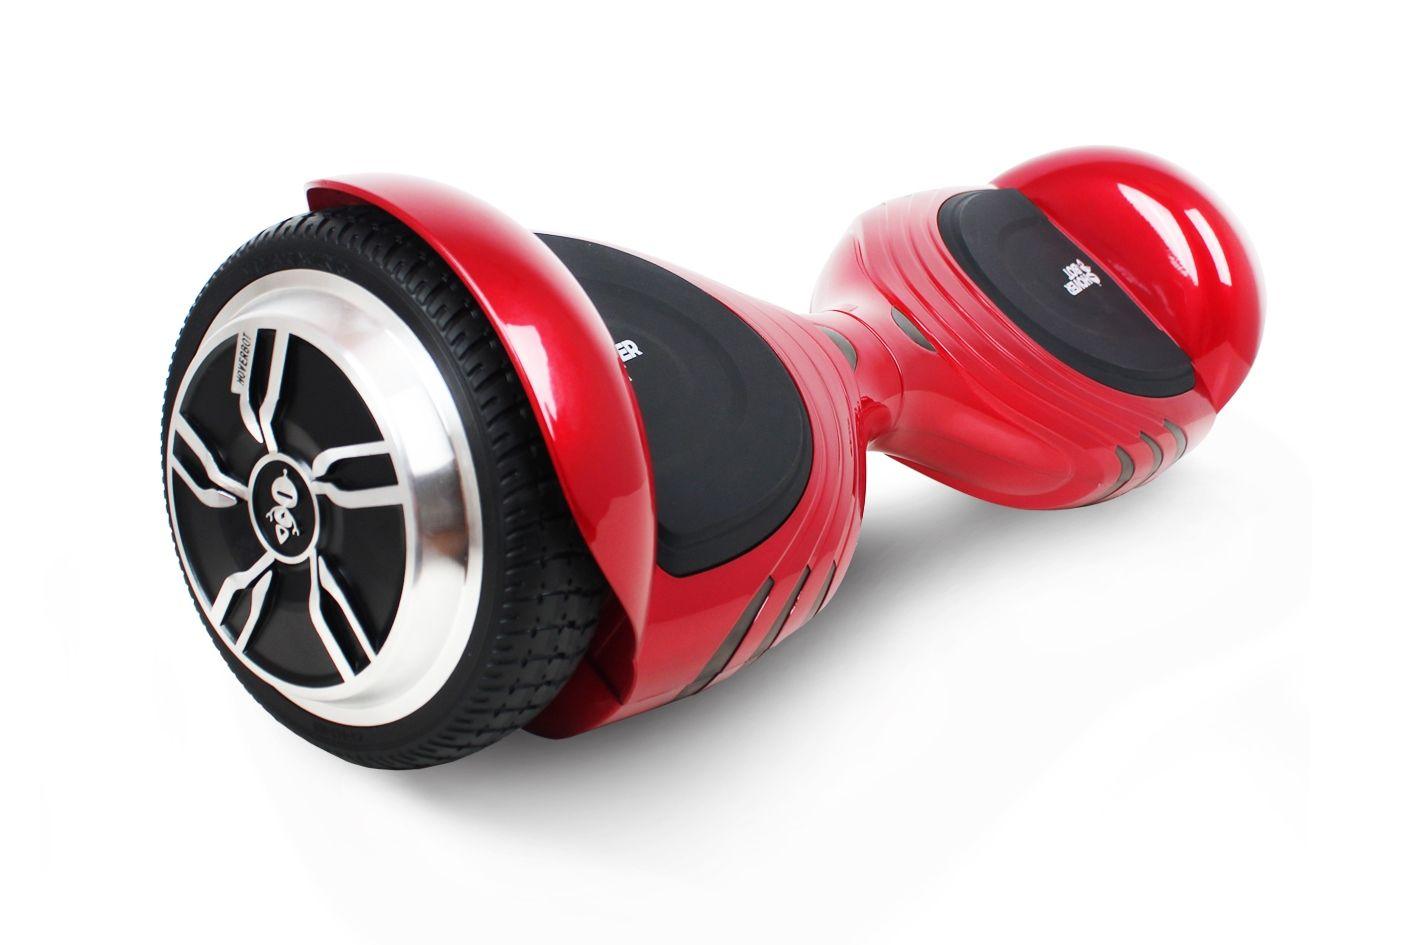 Гироскутер Hoverbot A-17 Premium красный one sizeГИРОСКУТЕРЫ<br>Hoverbot A-17 - невероятно стильное устройство с современным дизайном. Необычные фары и корпус выгодно отличают его от других гироскутеров. Для тех, кто ценит эстетику во всем! Его удобно брать с собой благодаря размерам. Нескользящие педали - обязательная деталь каждого гироскутера – для вашей безопасности. Данная модель оснащена Bluetooth-передатчиком, который позволяет подключаться к любому гаджету и воспроизводить любимую музыку через встроенные колонки!Также встроен самобаланс: на устройство удобно вставать, т.к. выравнивание происходит автоматически. Обучение катанию проходит намного легче! С данной функцией вероятность того, что гироскутер покатится от вас, переворачиваясь и повреждаясь, минимальна. Побалуйте себя или сделайте подарок, который определенно впечатлит и запомнится!<br><br>бренд: HOVERBOT<br>год: 2018<br>рама: None<br>вилка: None<br>блокировка амортизатора: None<br>диаметр колес: 6,5<br>тормоза: None<br>уровень оборудования: None<br>количество скоростей: None<br>Цвет: красный<br>Размер: one size